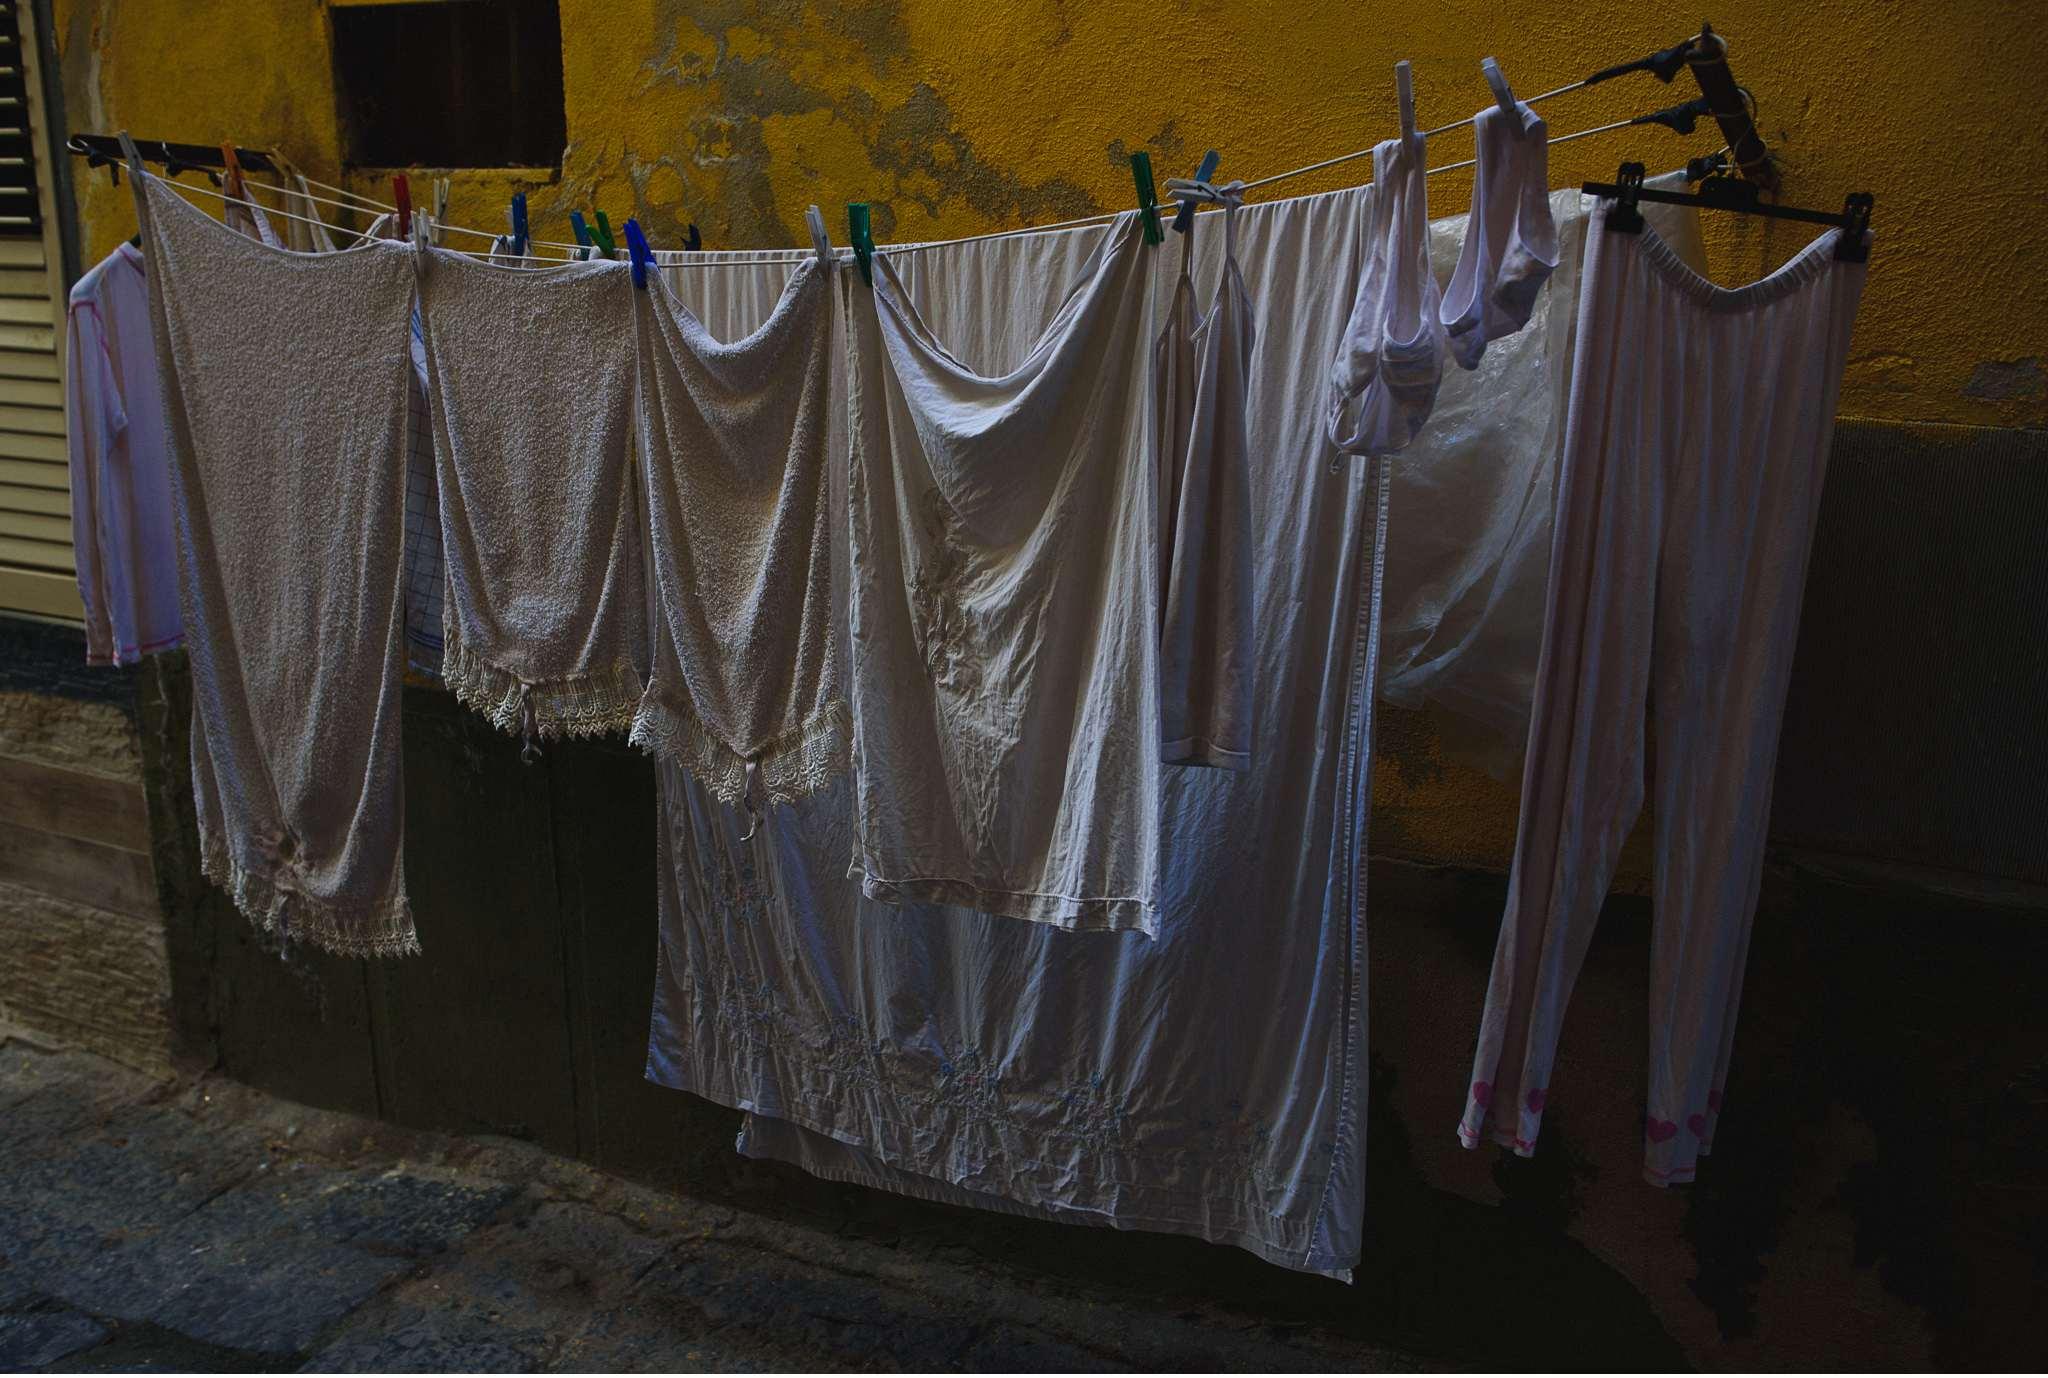 Interrail Reise - Italien Neapel - Geschichten von unterwegs - Foto Daniel Kempf-Seifried-47